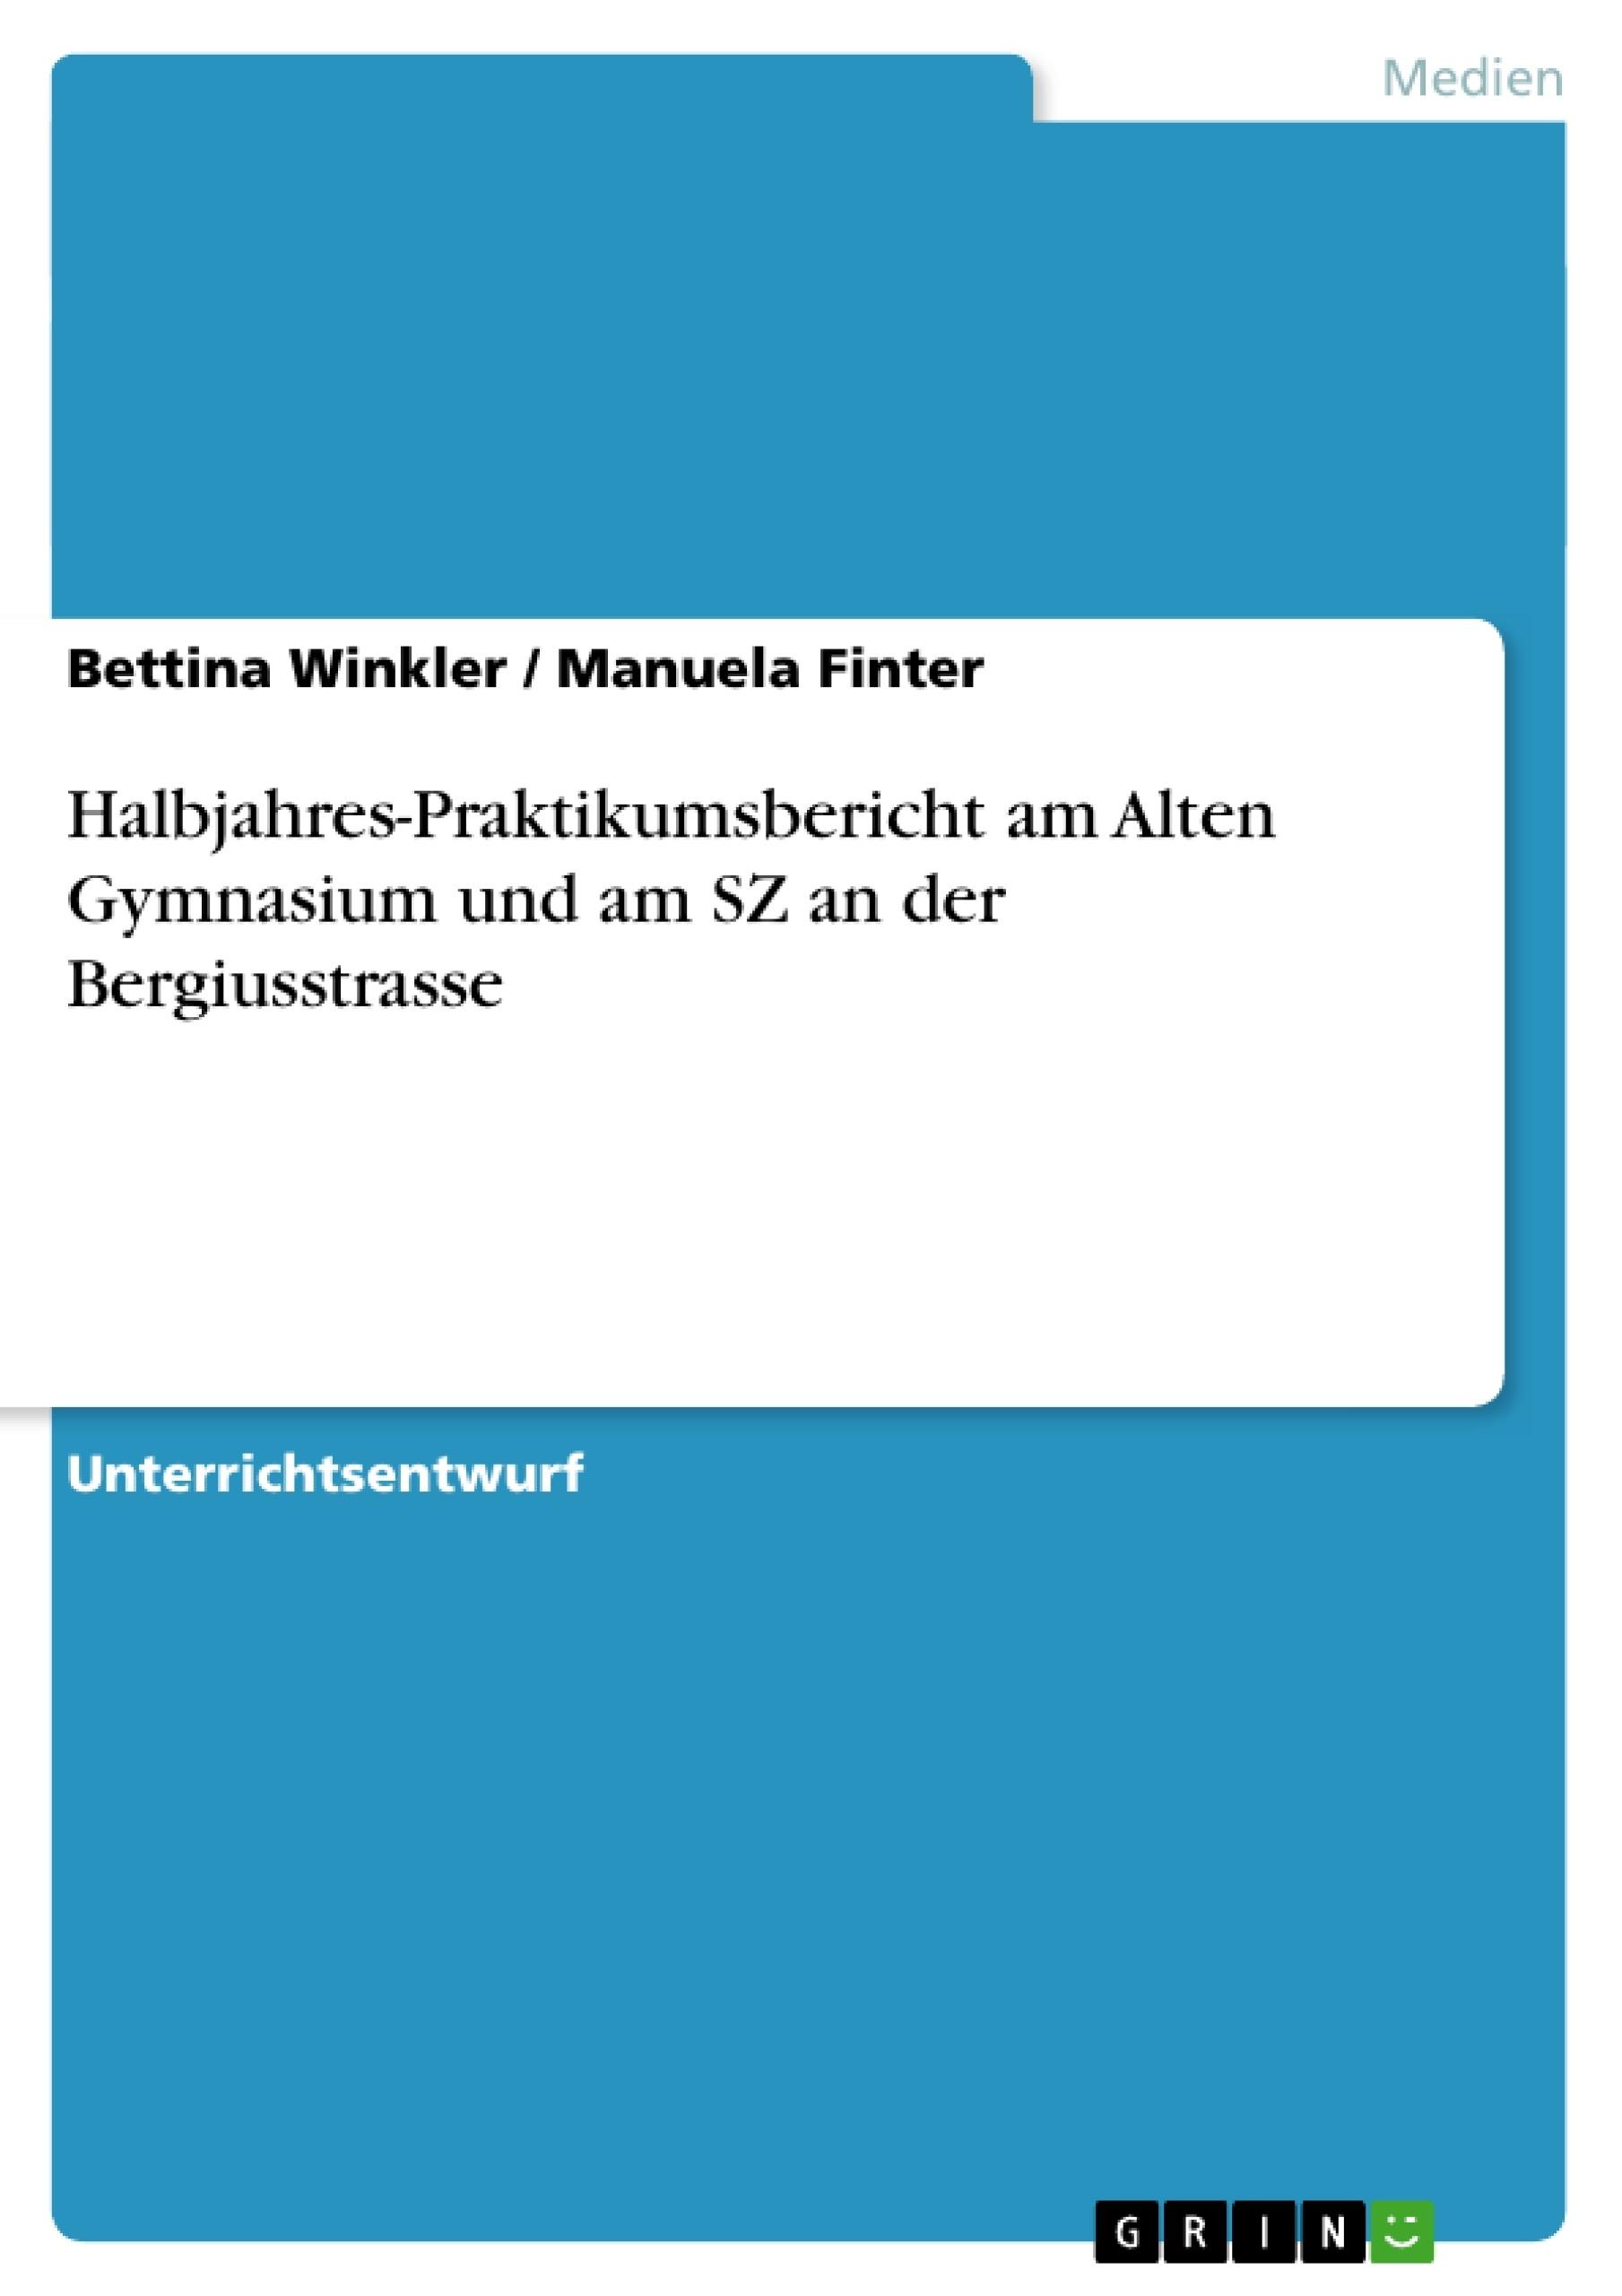 Titel: Halbjahres-Praktikumsbericht am Alten Gymnasium und am SZ an der Bergiusstrasse